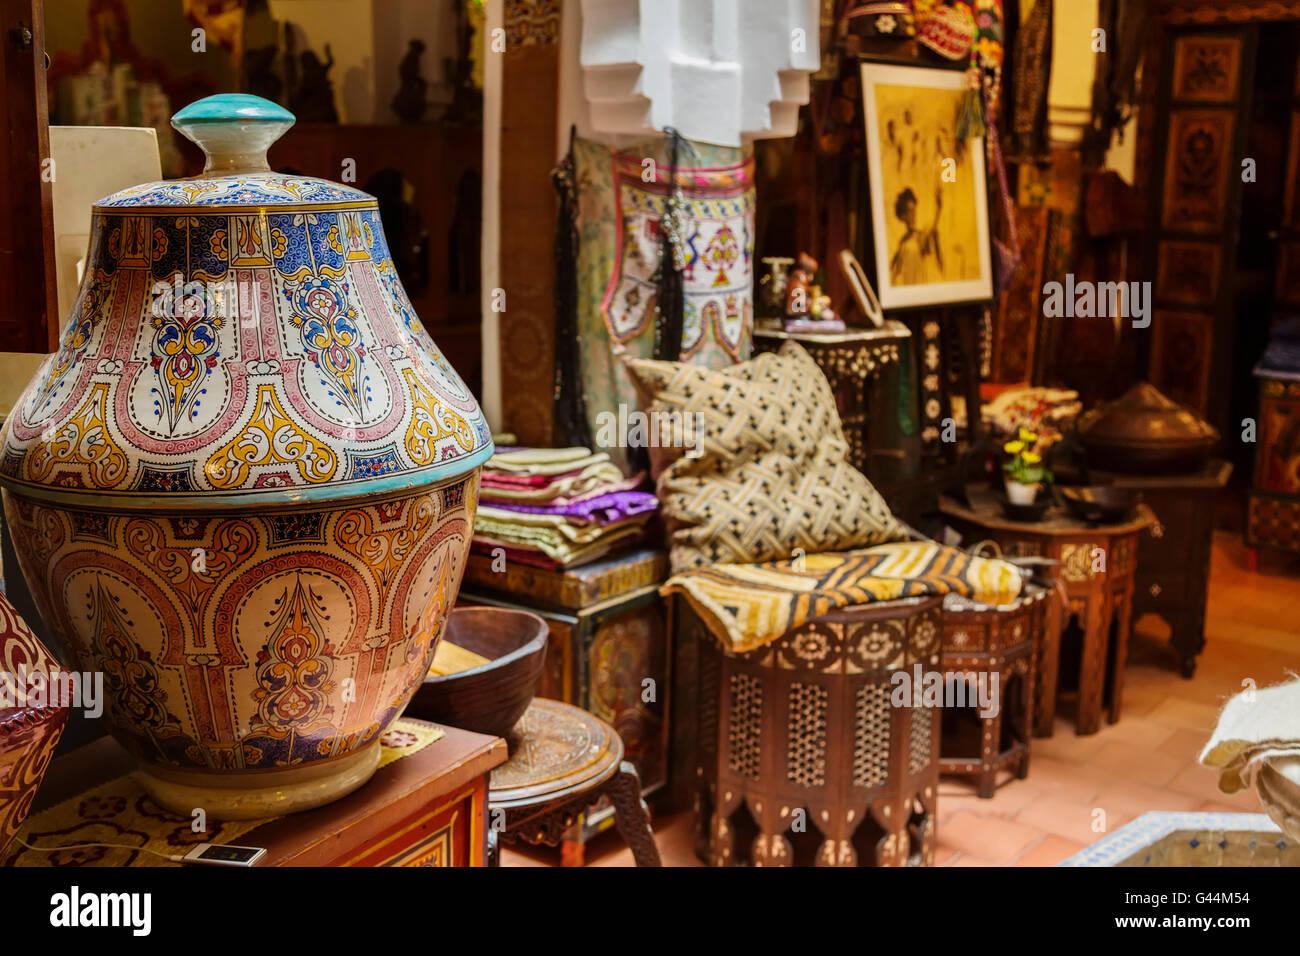 Boutique de souvenirs et d'un antiquaire. Medina Grand Socco, le grand souk, vieille ville de Tanger. Afrique Photo Stock